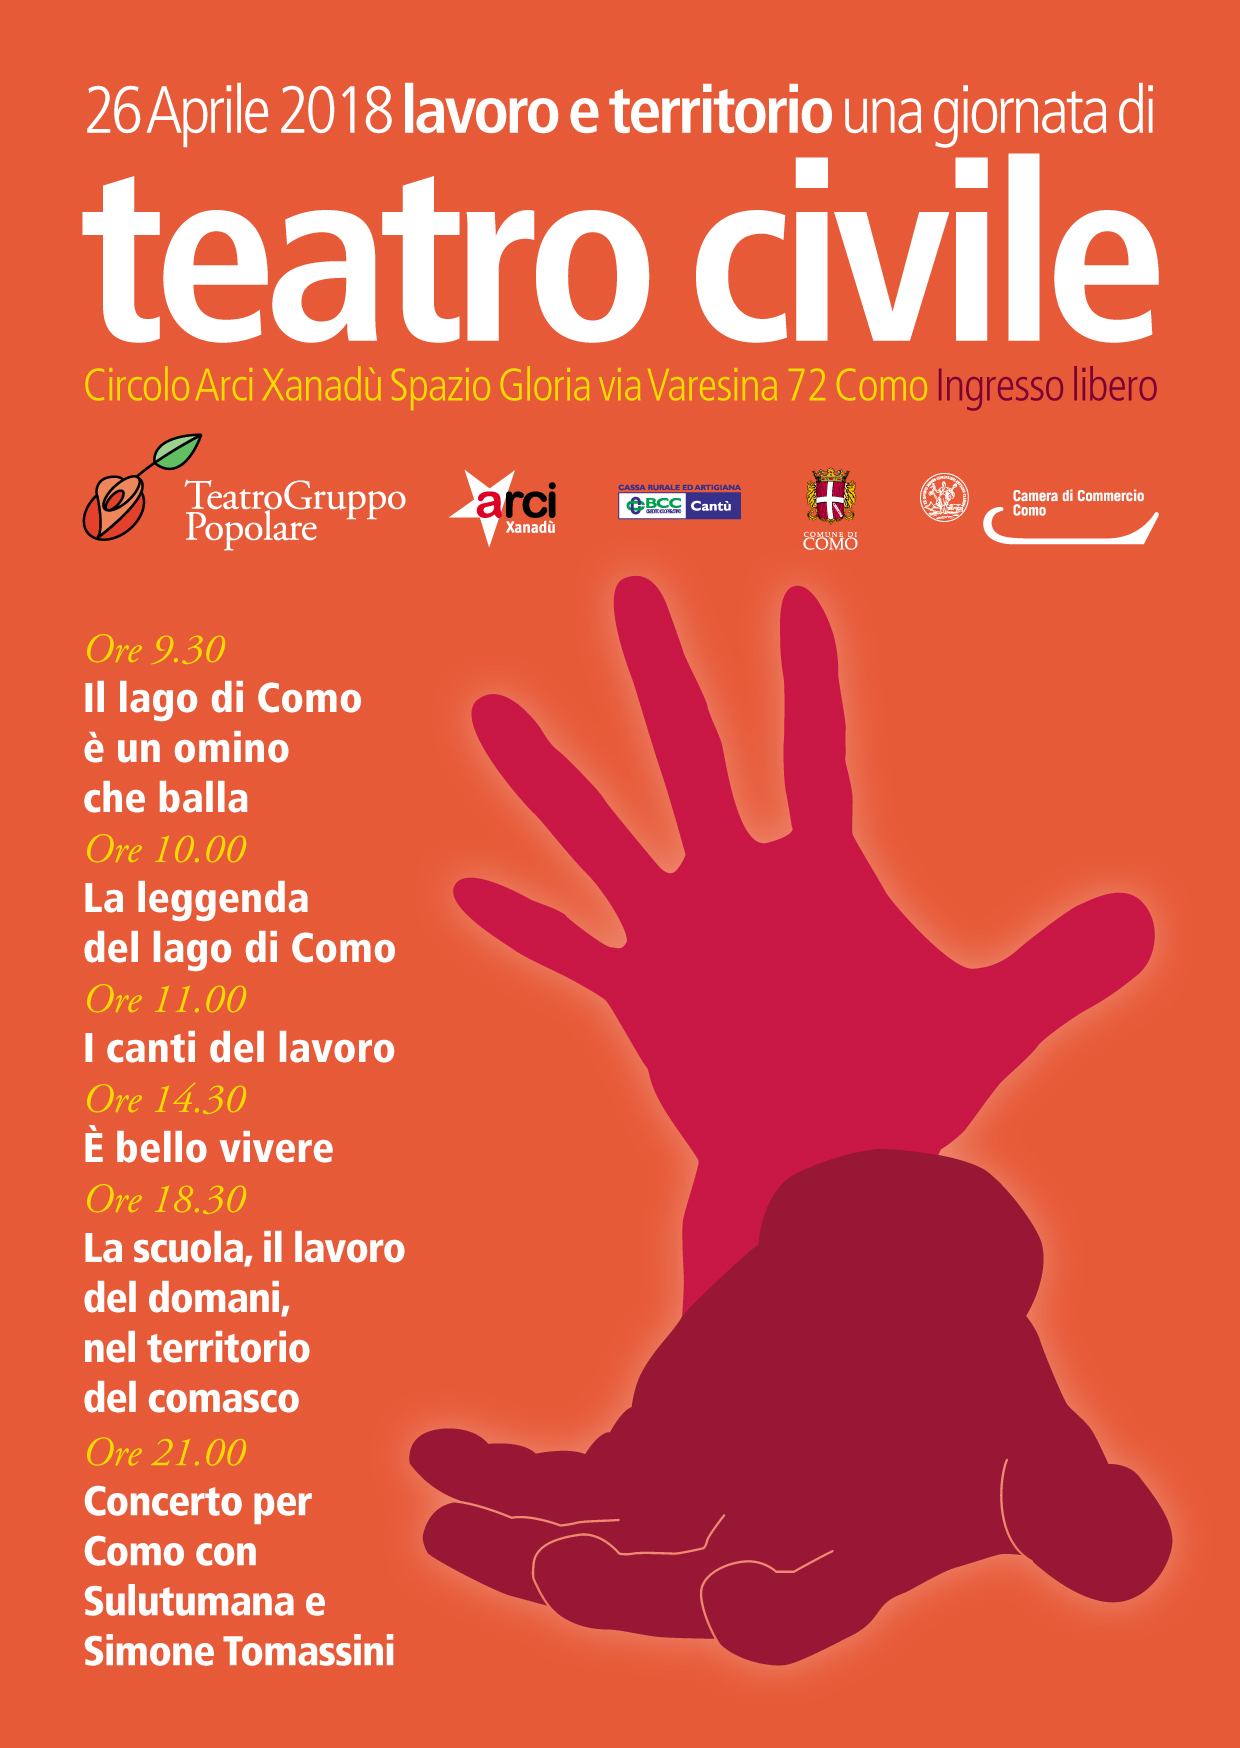 teatro civile 2018